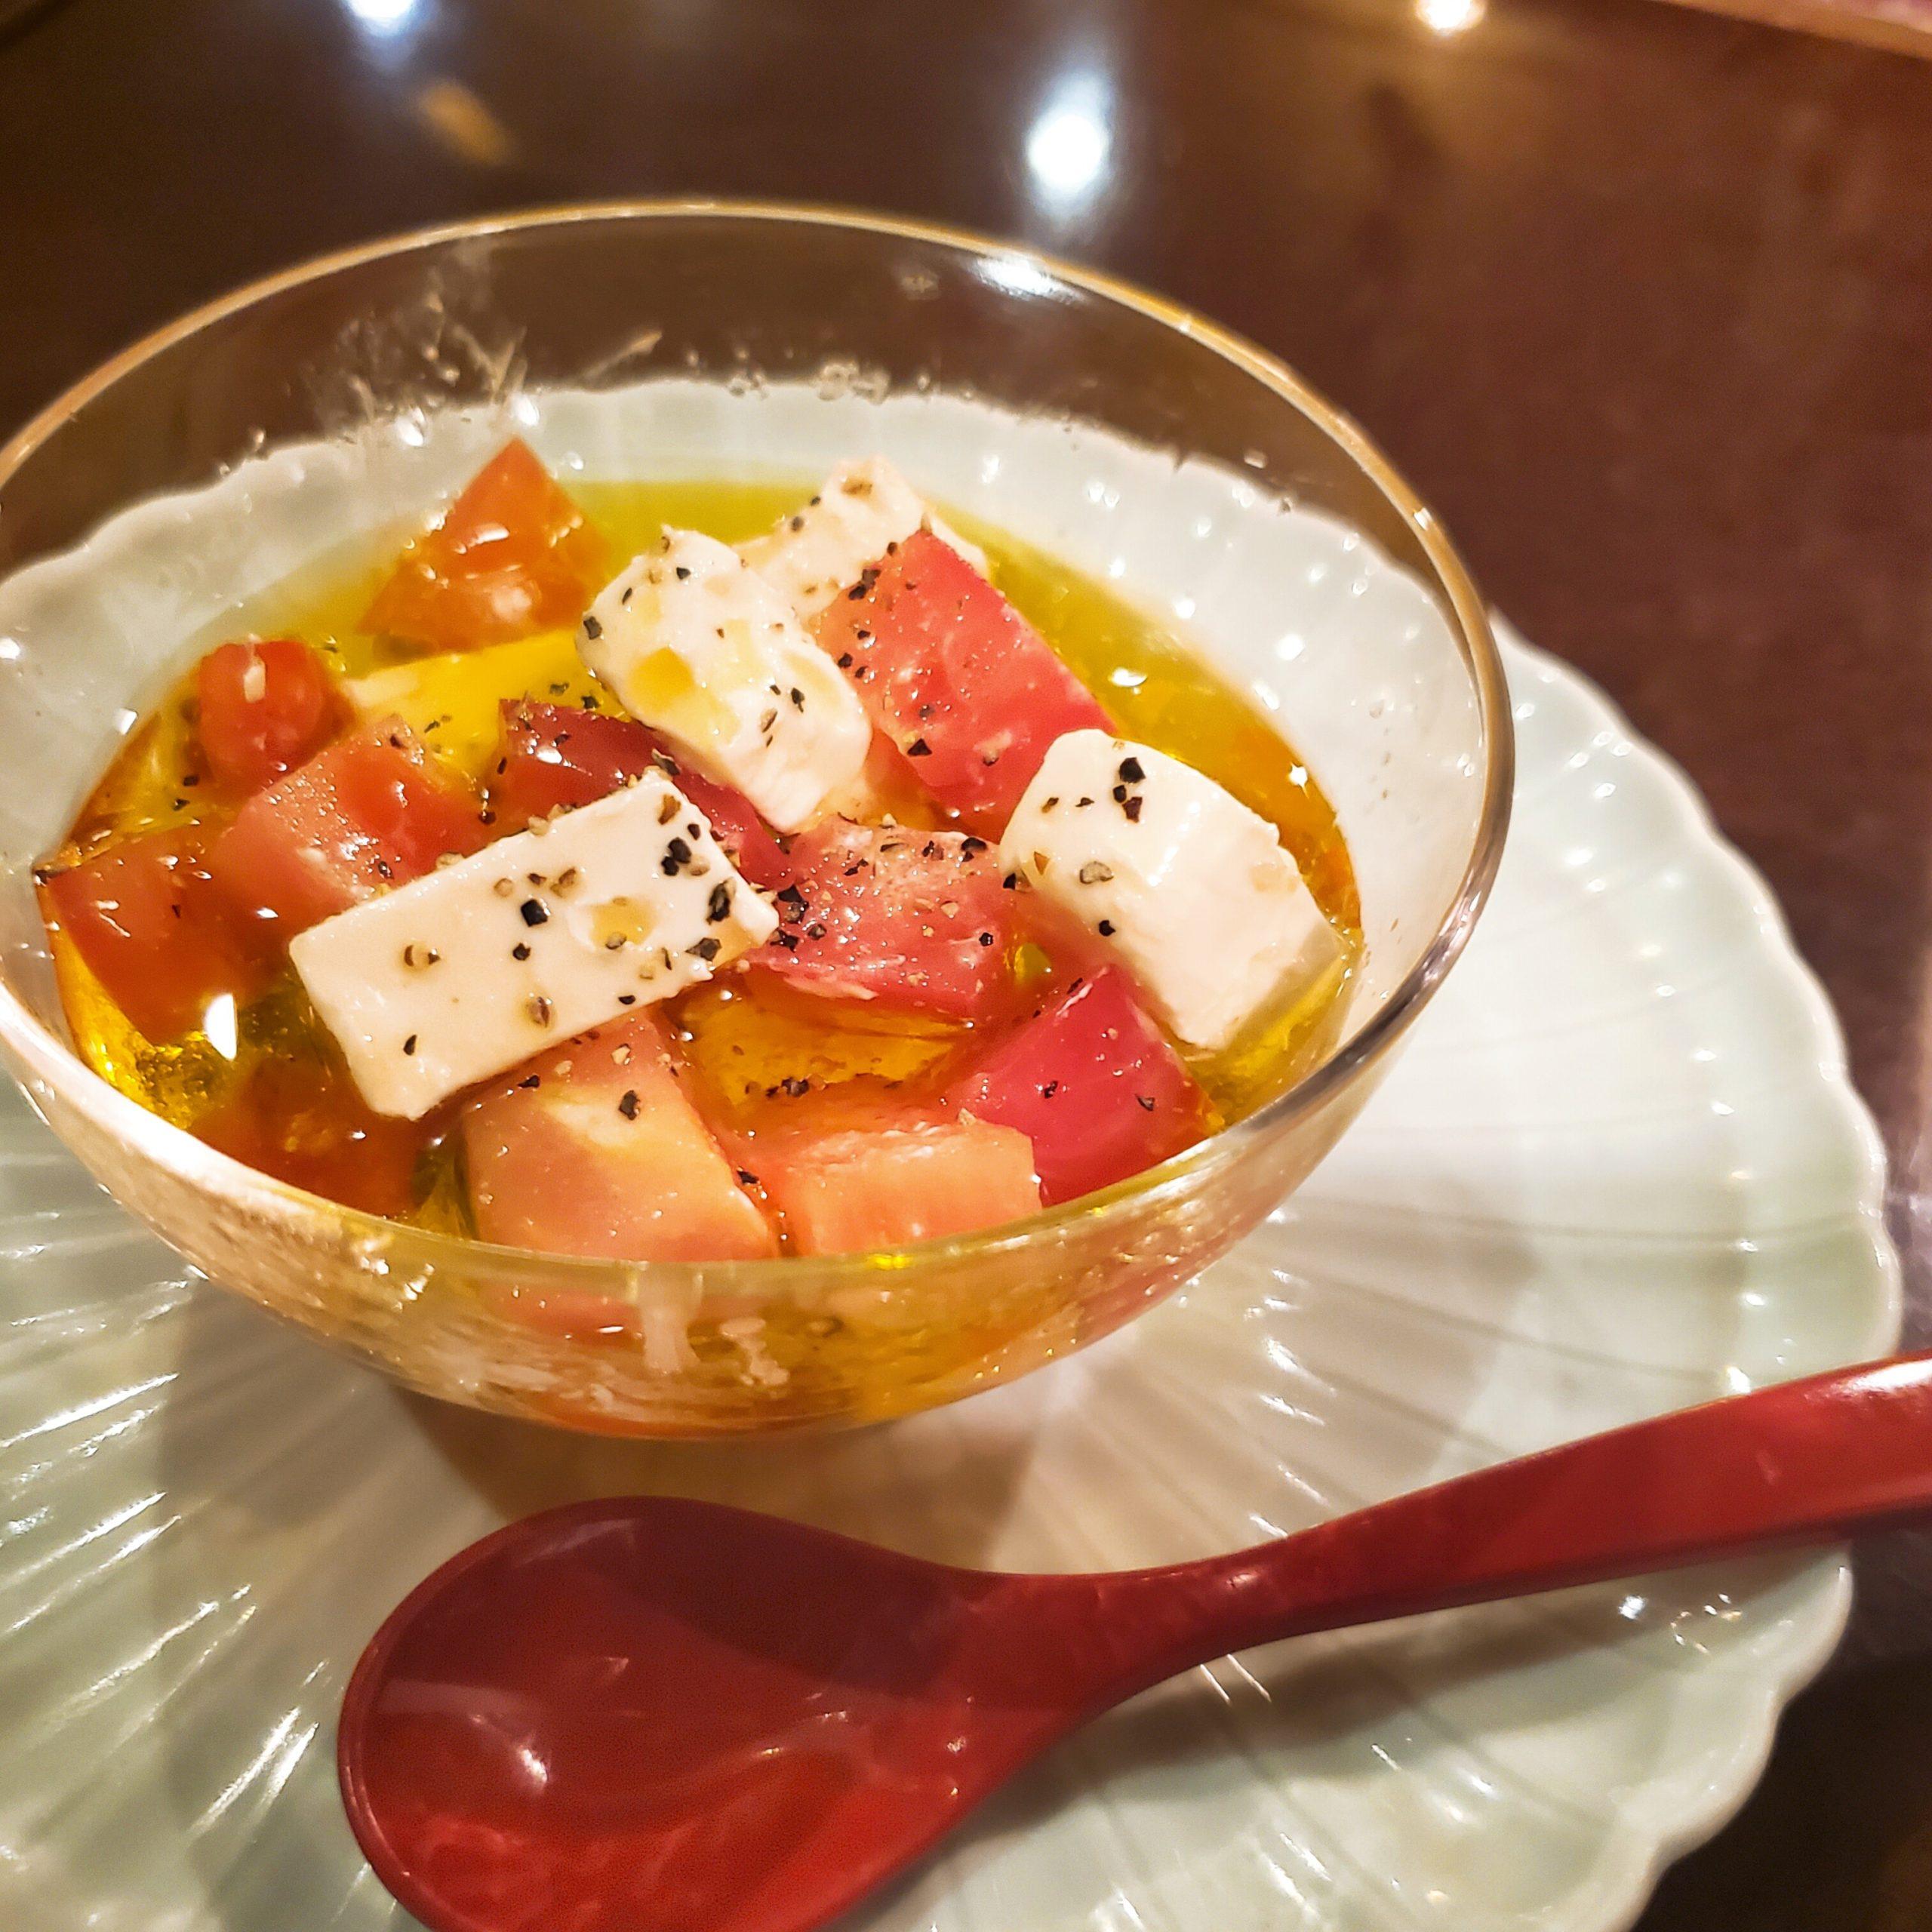 クリームチーズとトマトのオイル漬け